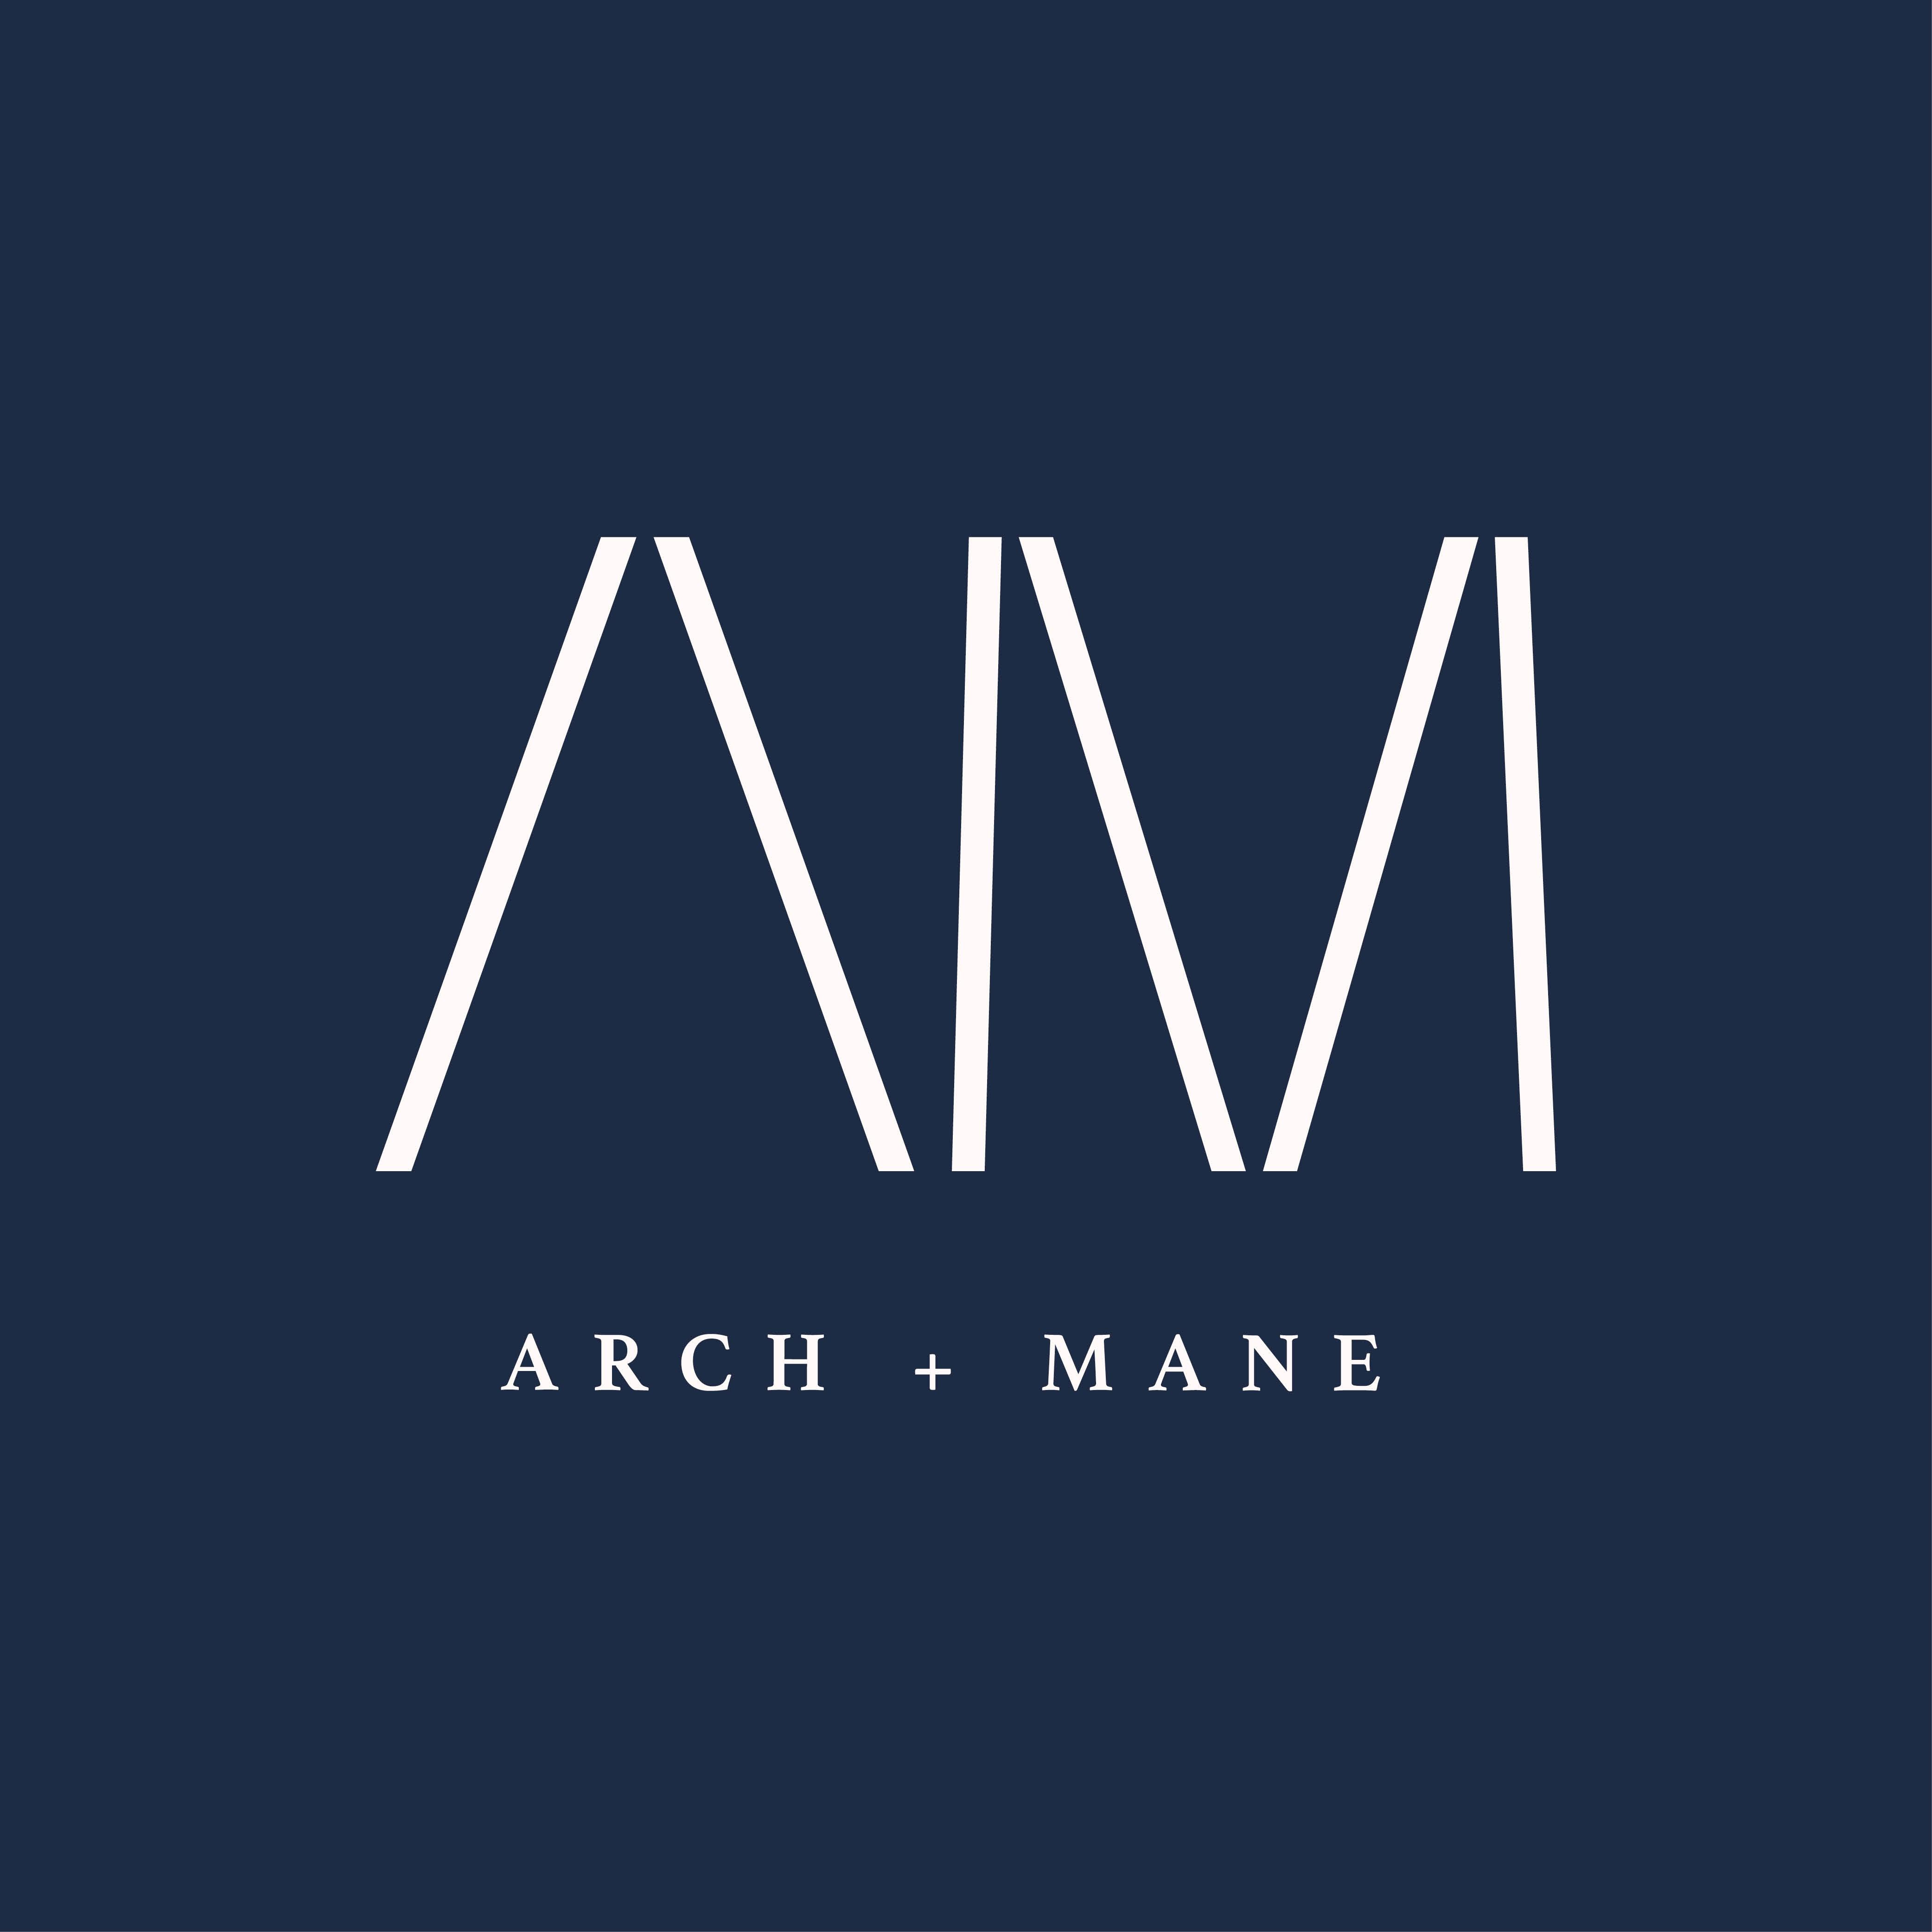 Arch + Mane